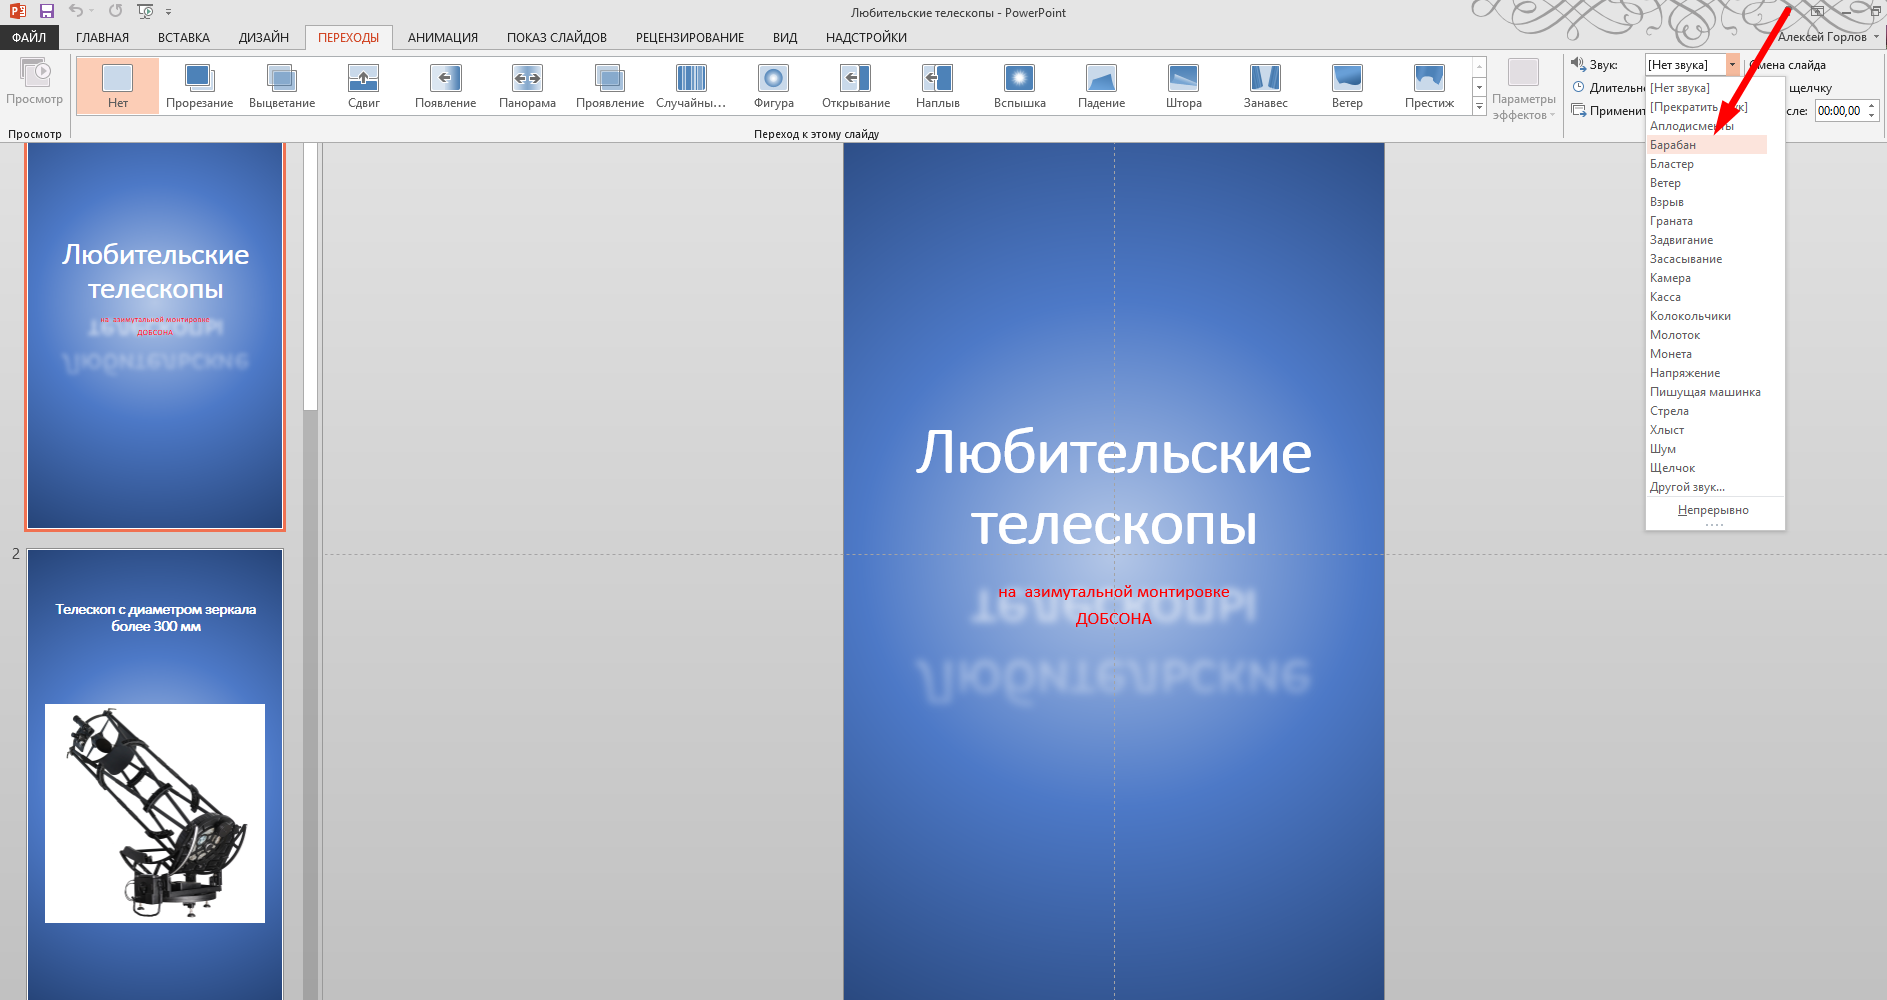 как сделать чтобы слайды сами менялись в powerpoint